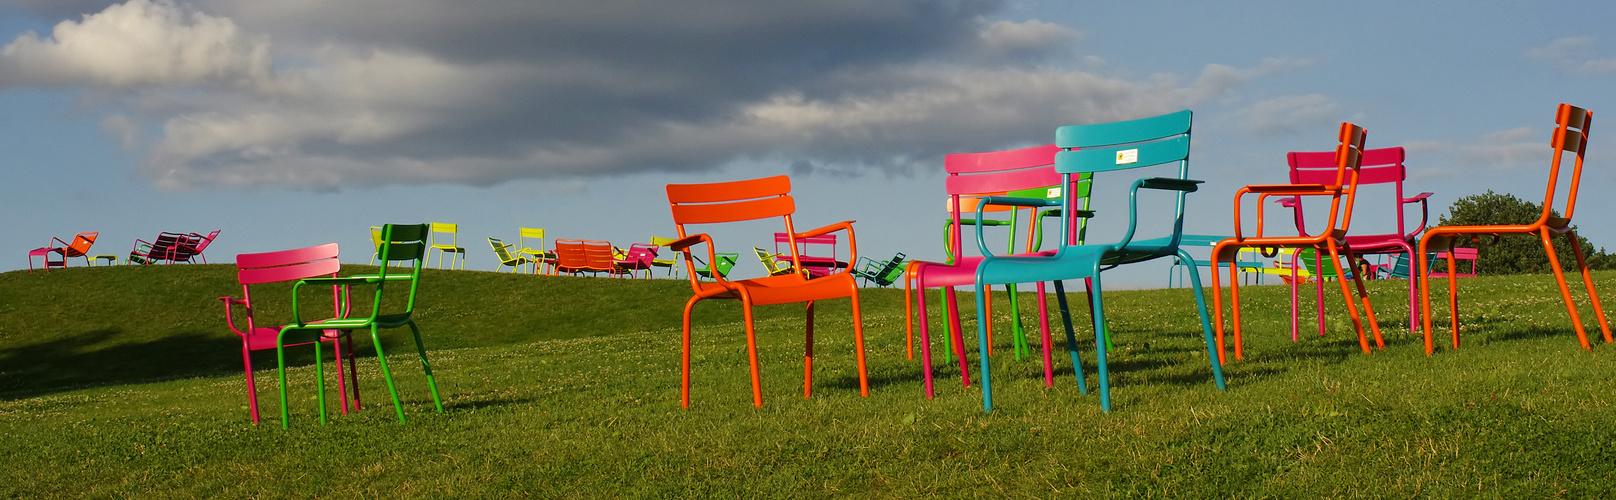 Stühle auf dem Rasen